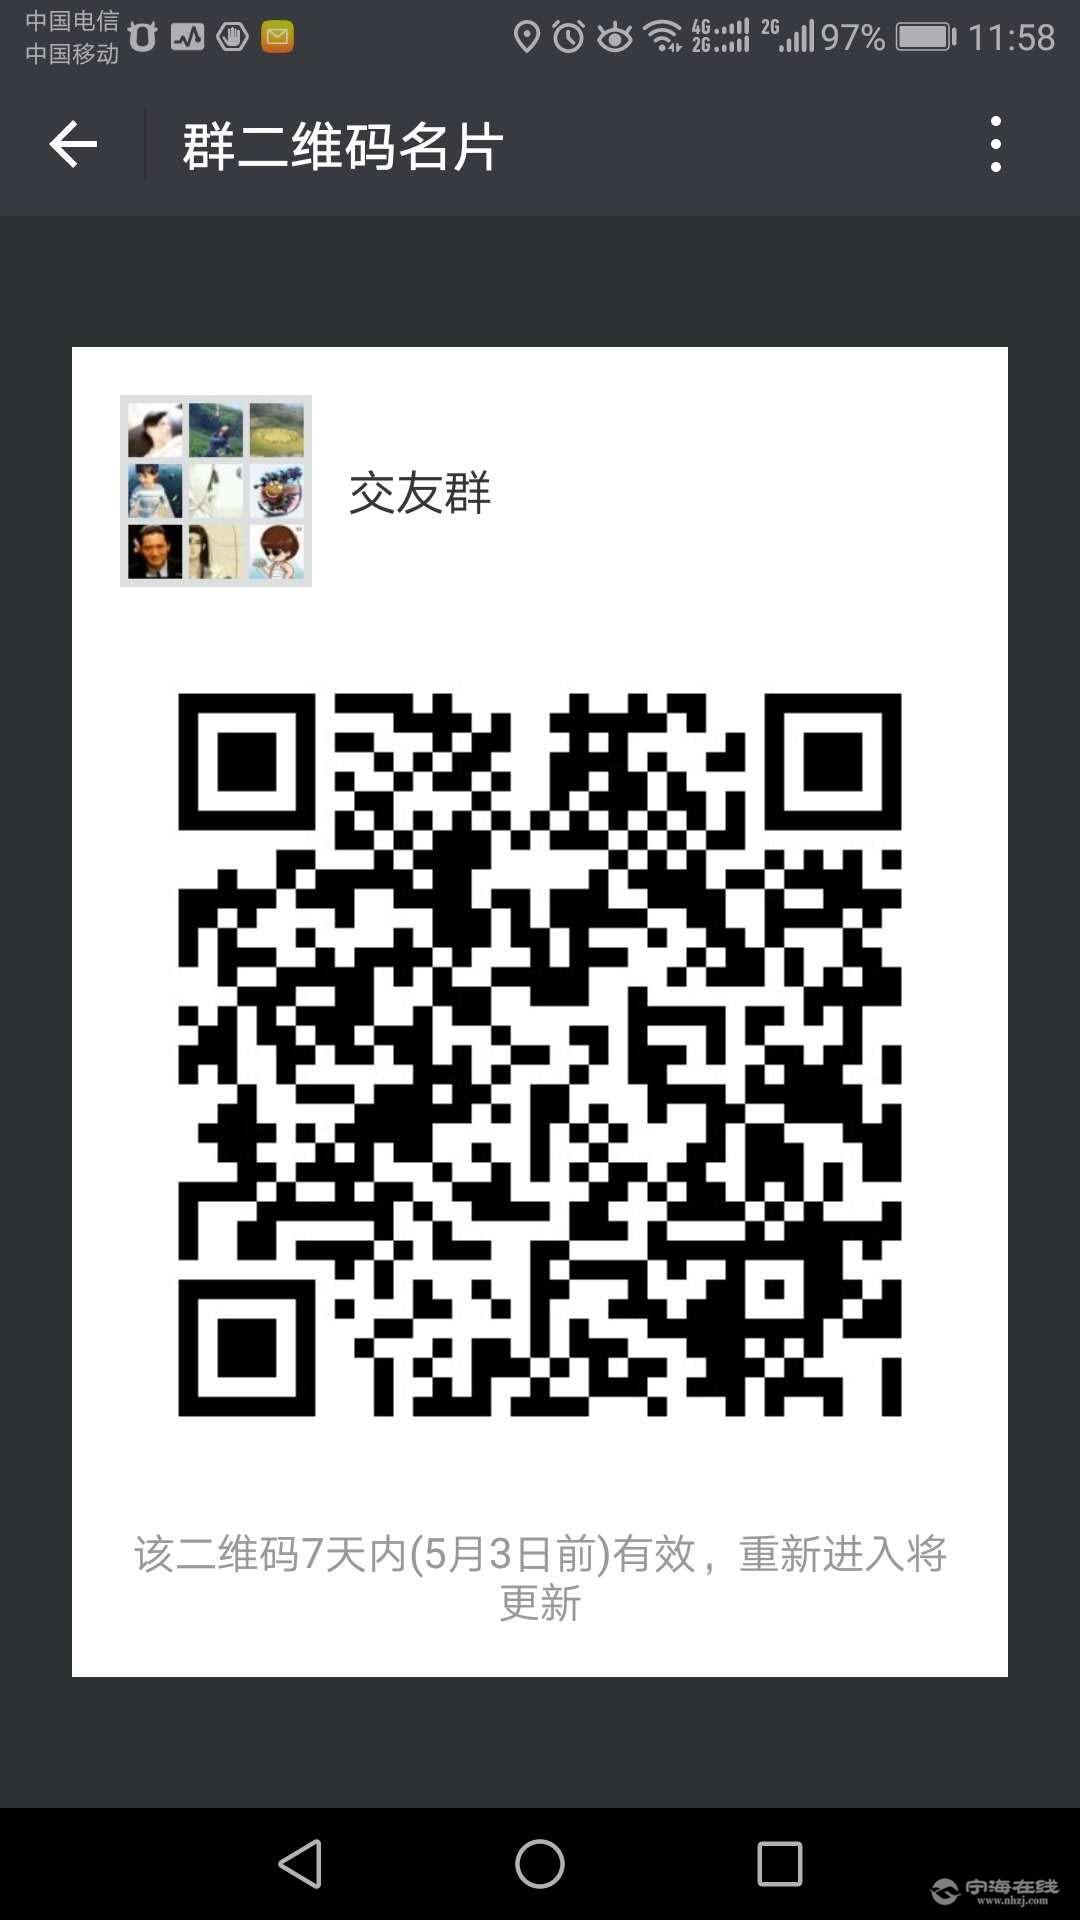 微信图片_20180426120052.jpg